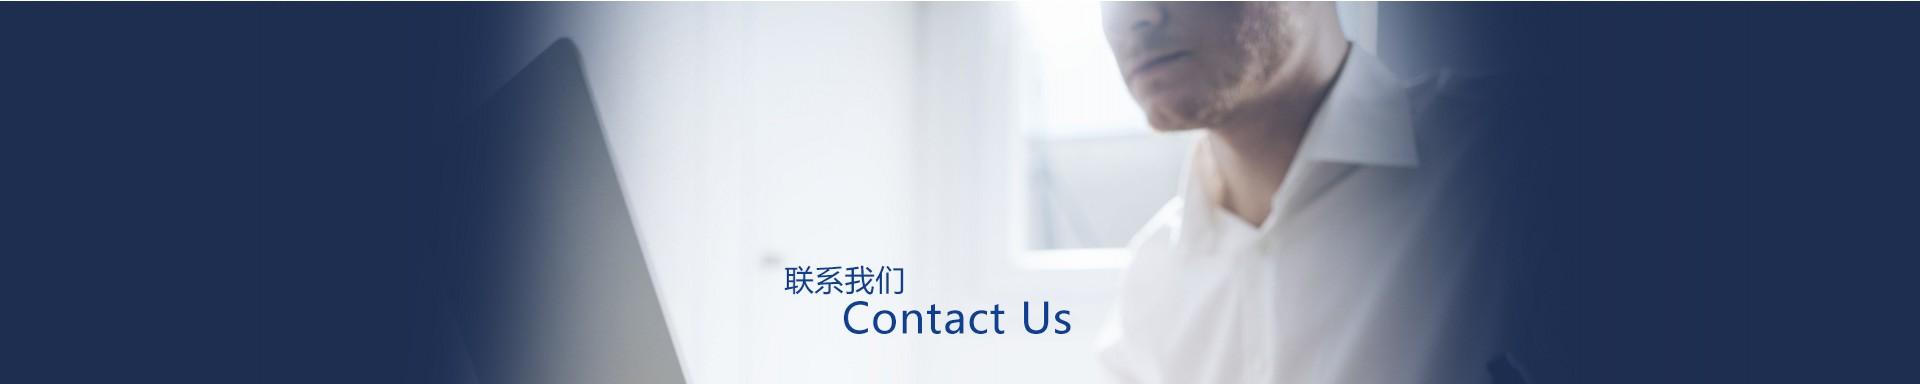 联系我们_conew1